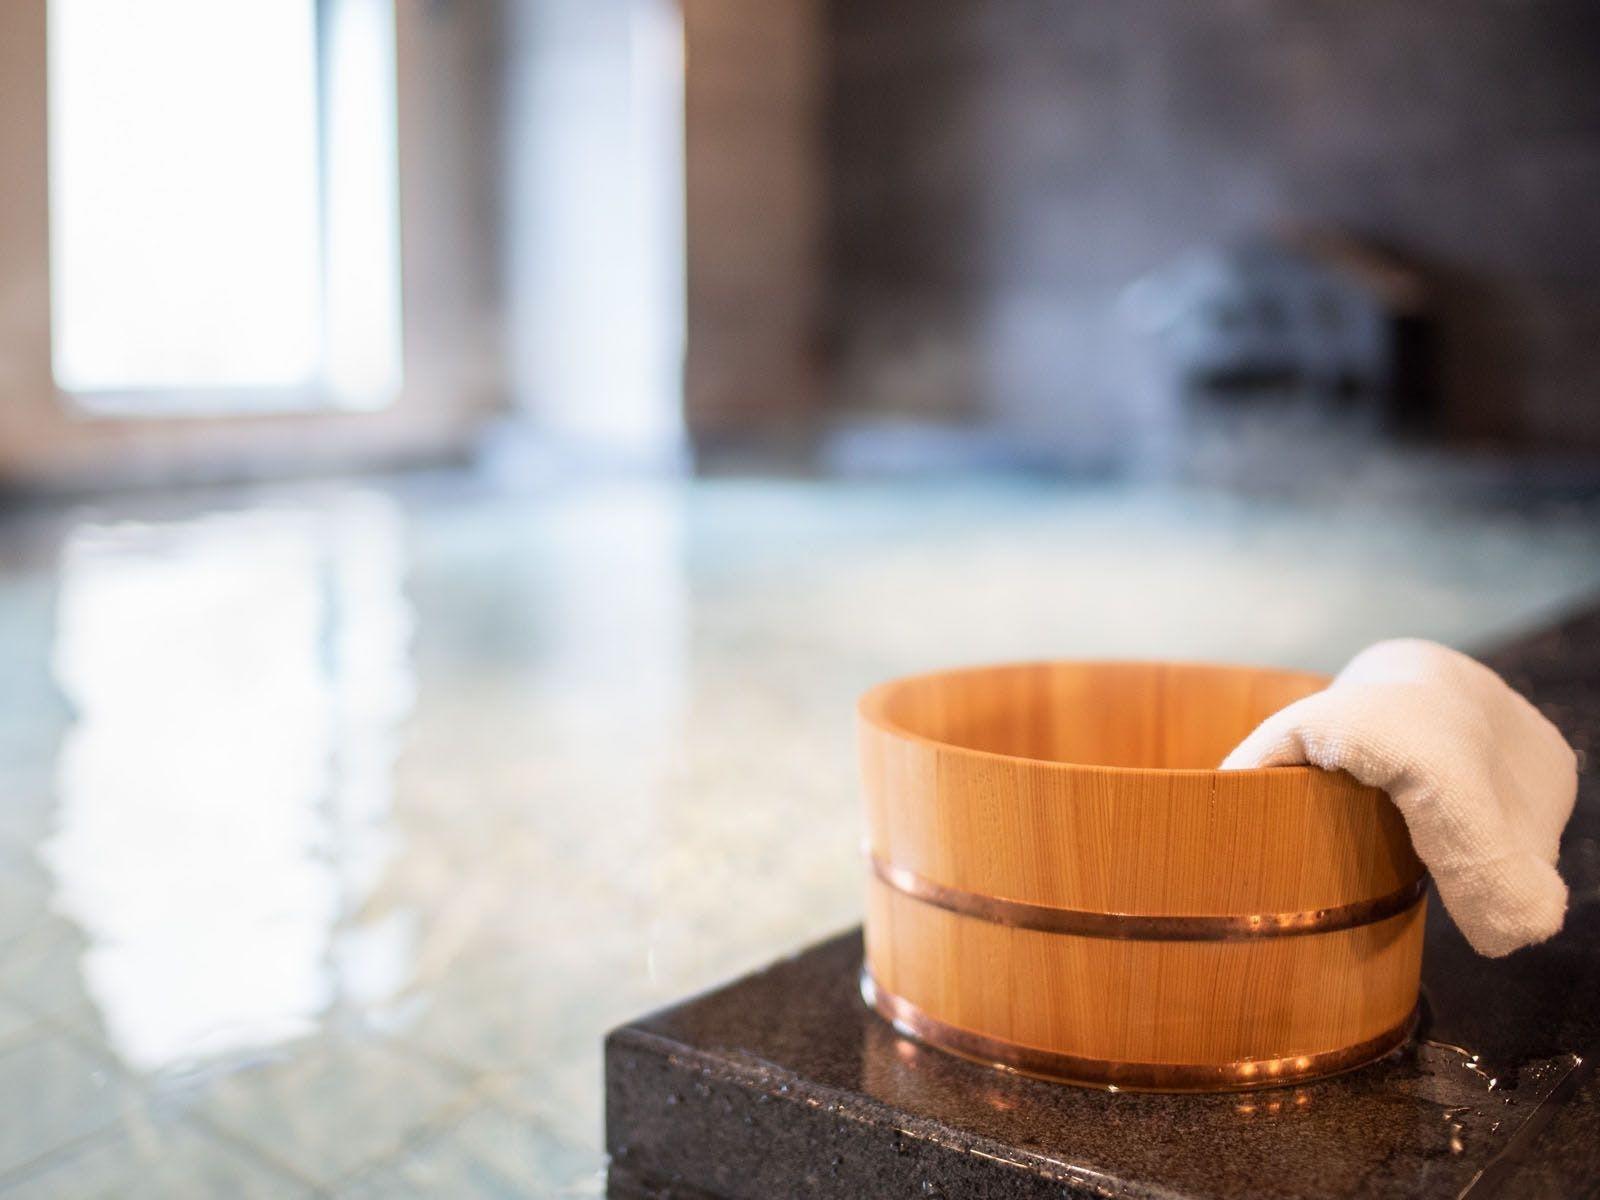 高濃度炭酸泉 ハナミズキの湯 スーパーホテル新横浜